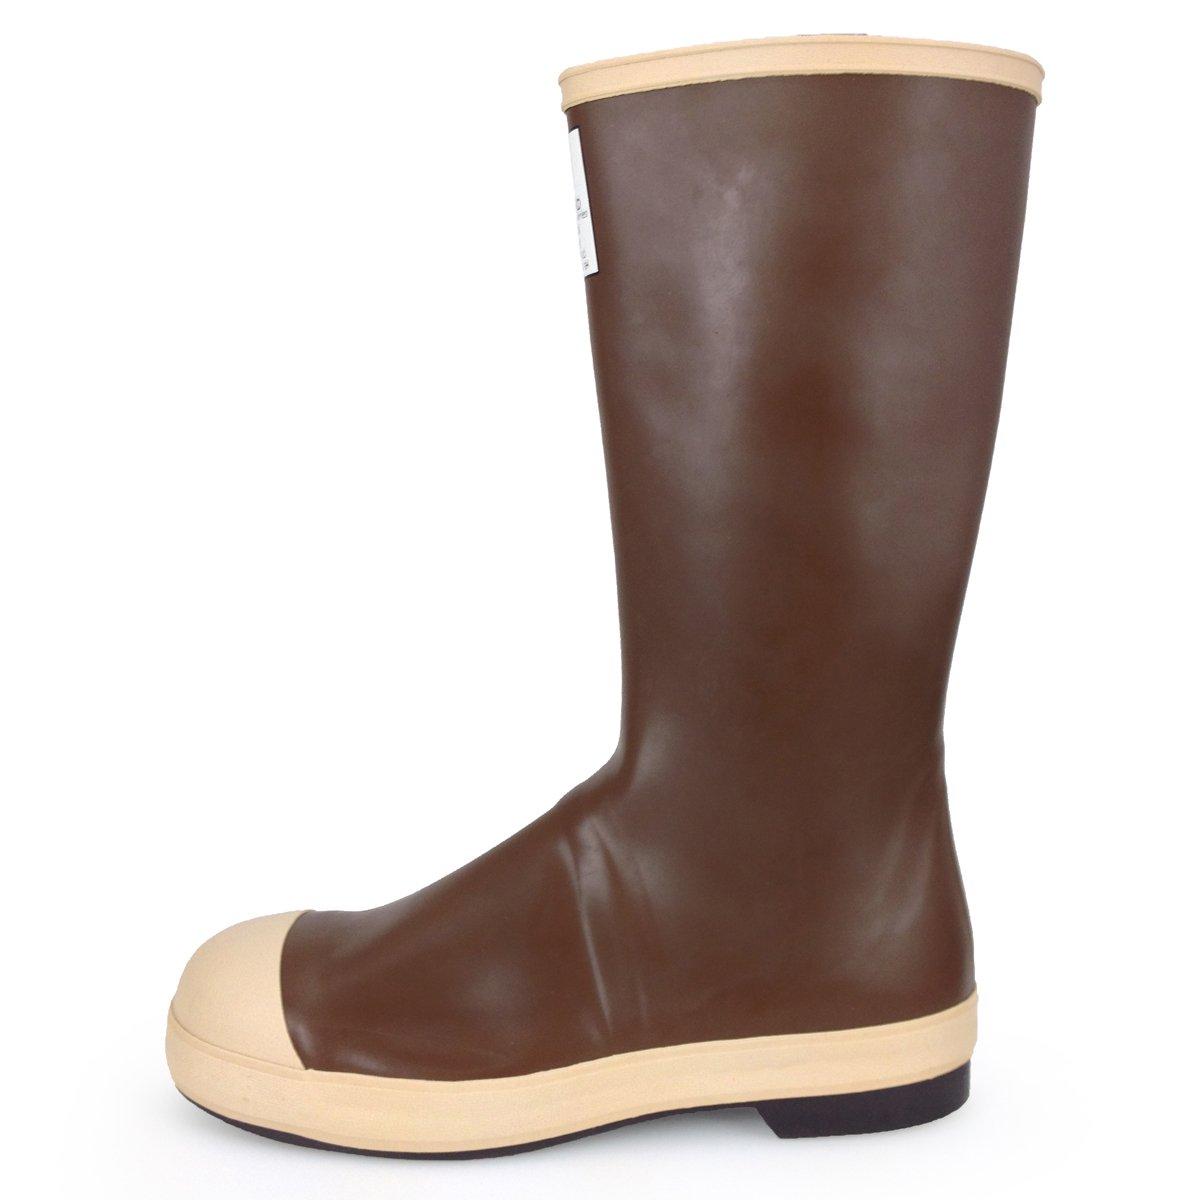 UltraSource 440035-11 Neoprene Boots, 15'', Steel Toe, Size 11 (Pair)